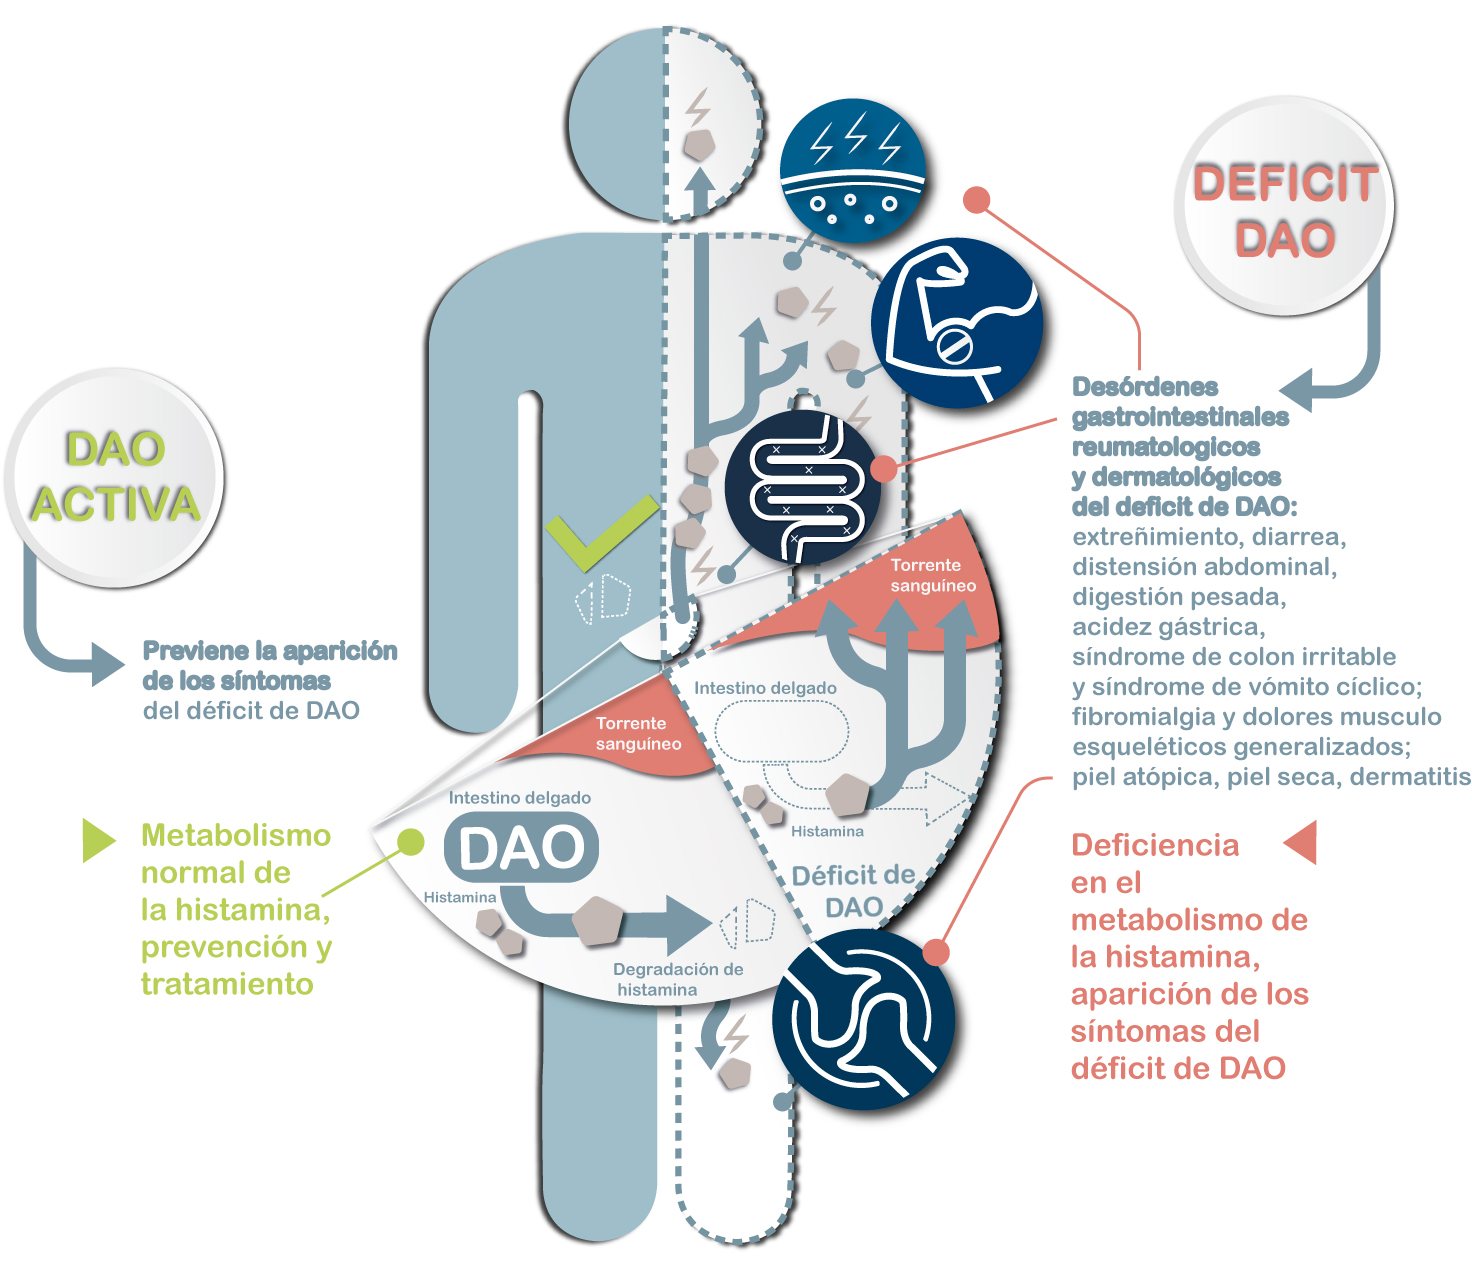 DAO-Food-es-infográfico-déficit-de-DAO,-síntomas-gastrointestinales-cutáneos-reumatologicos